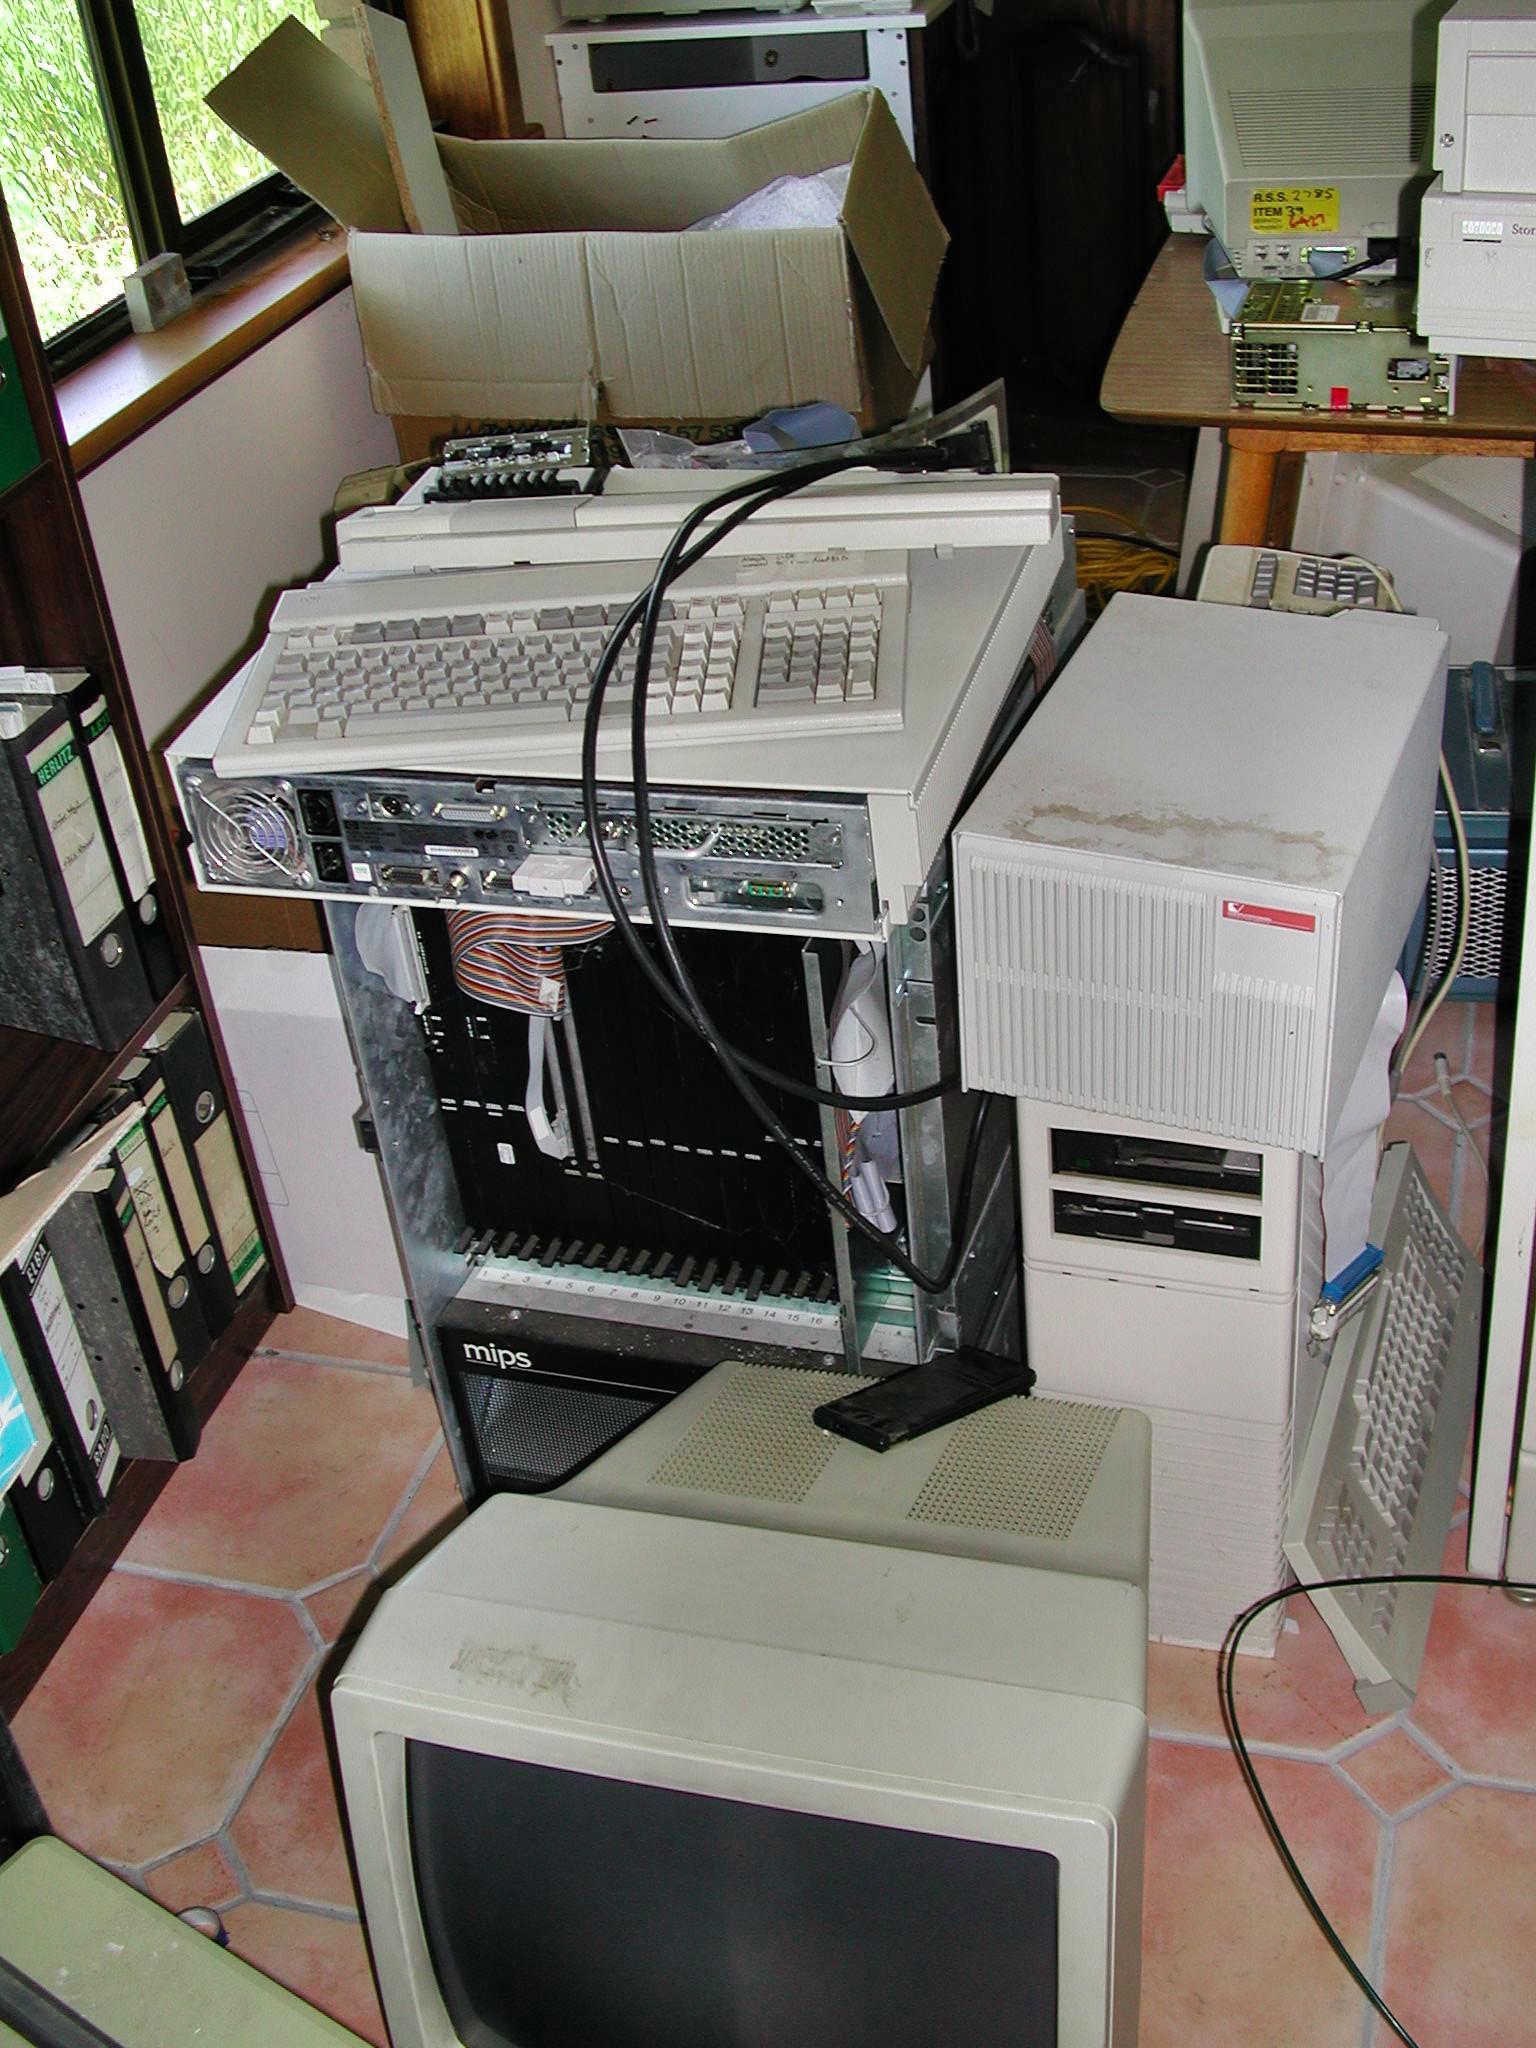 MSMR-4.jpeg